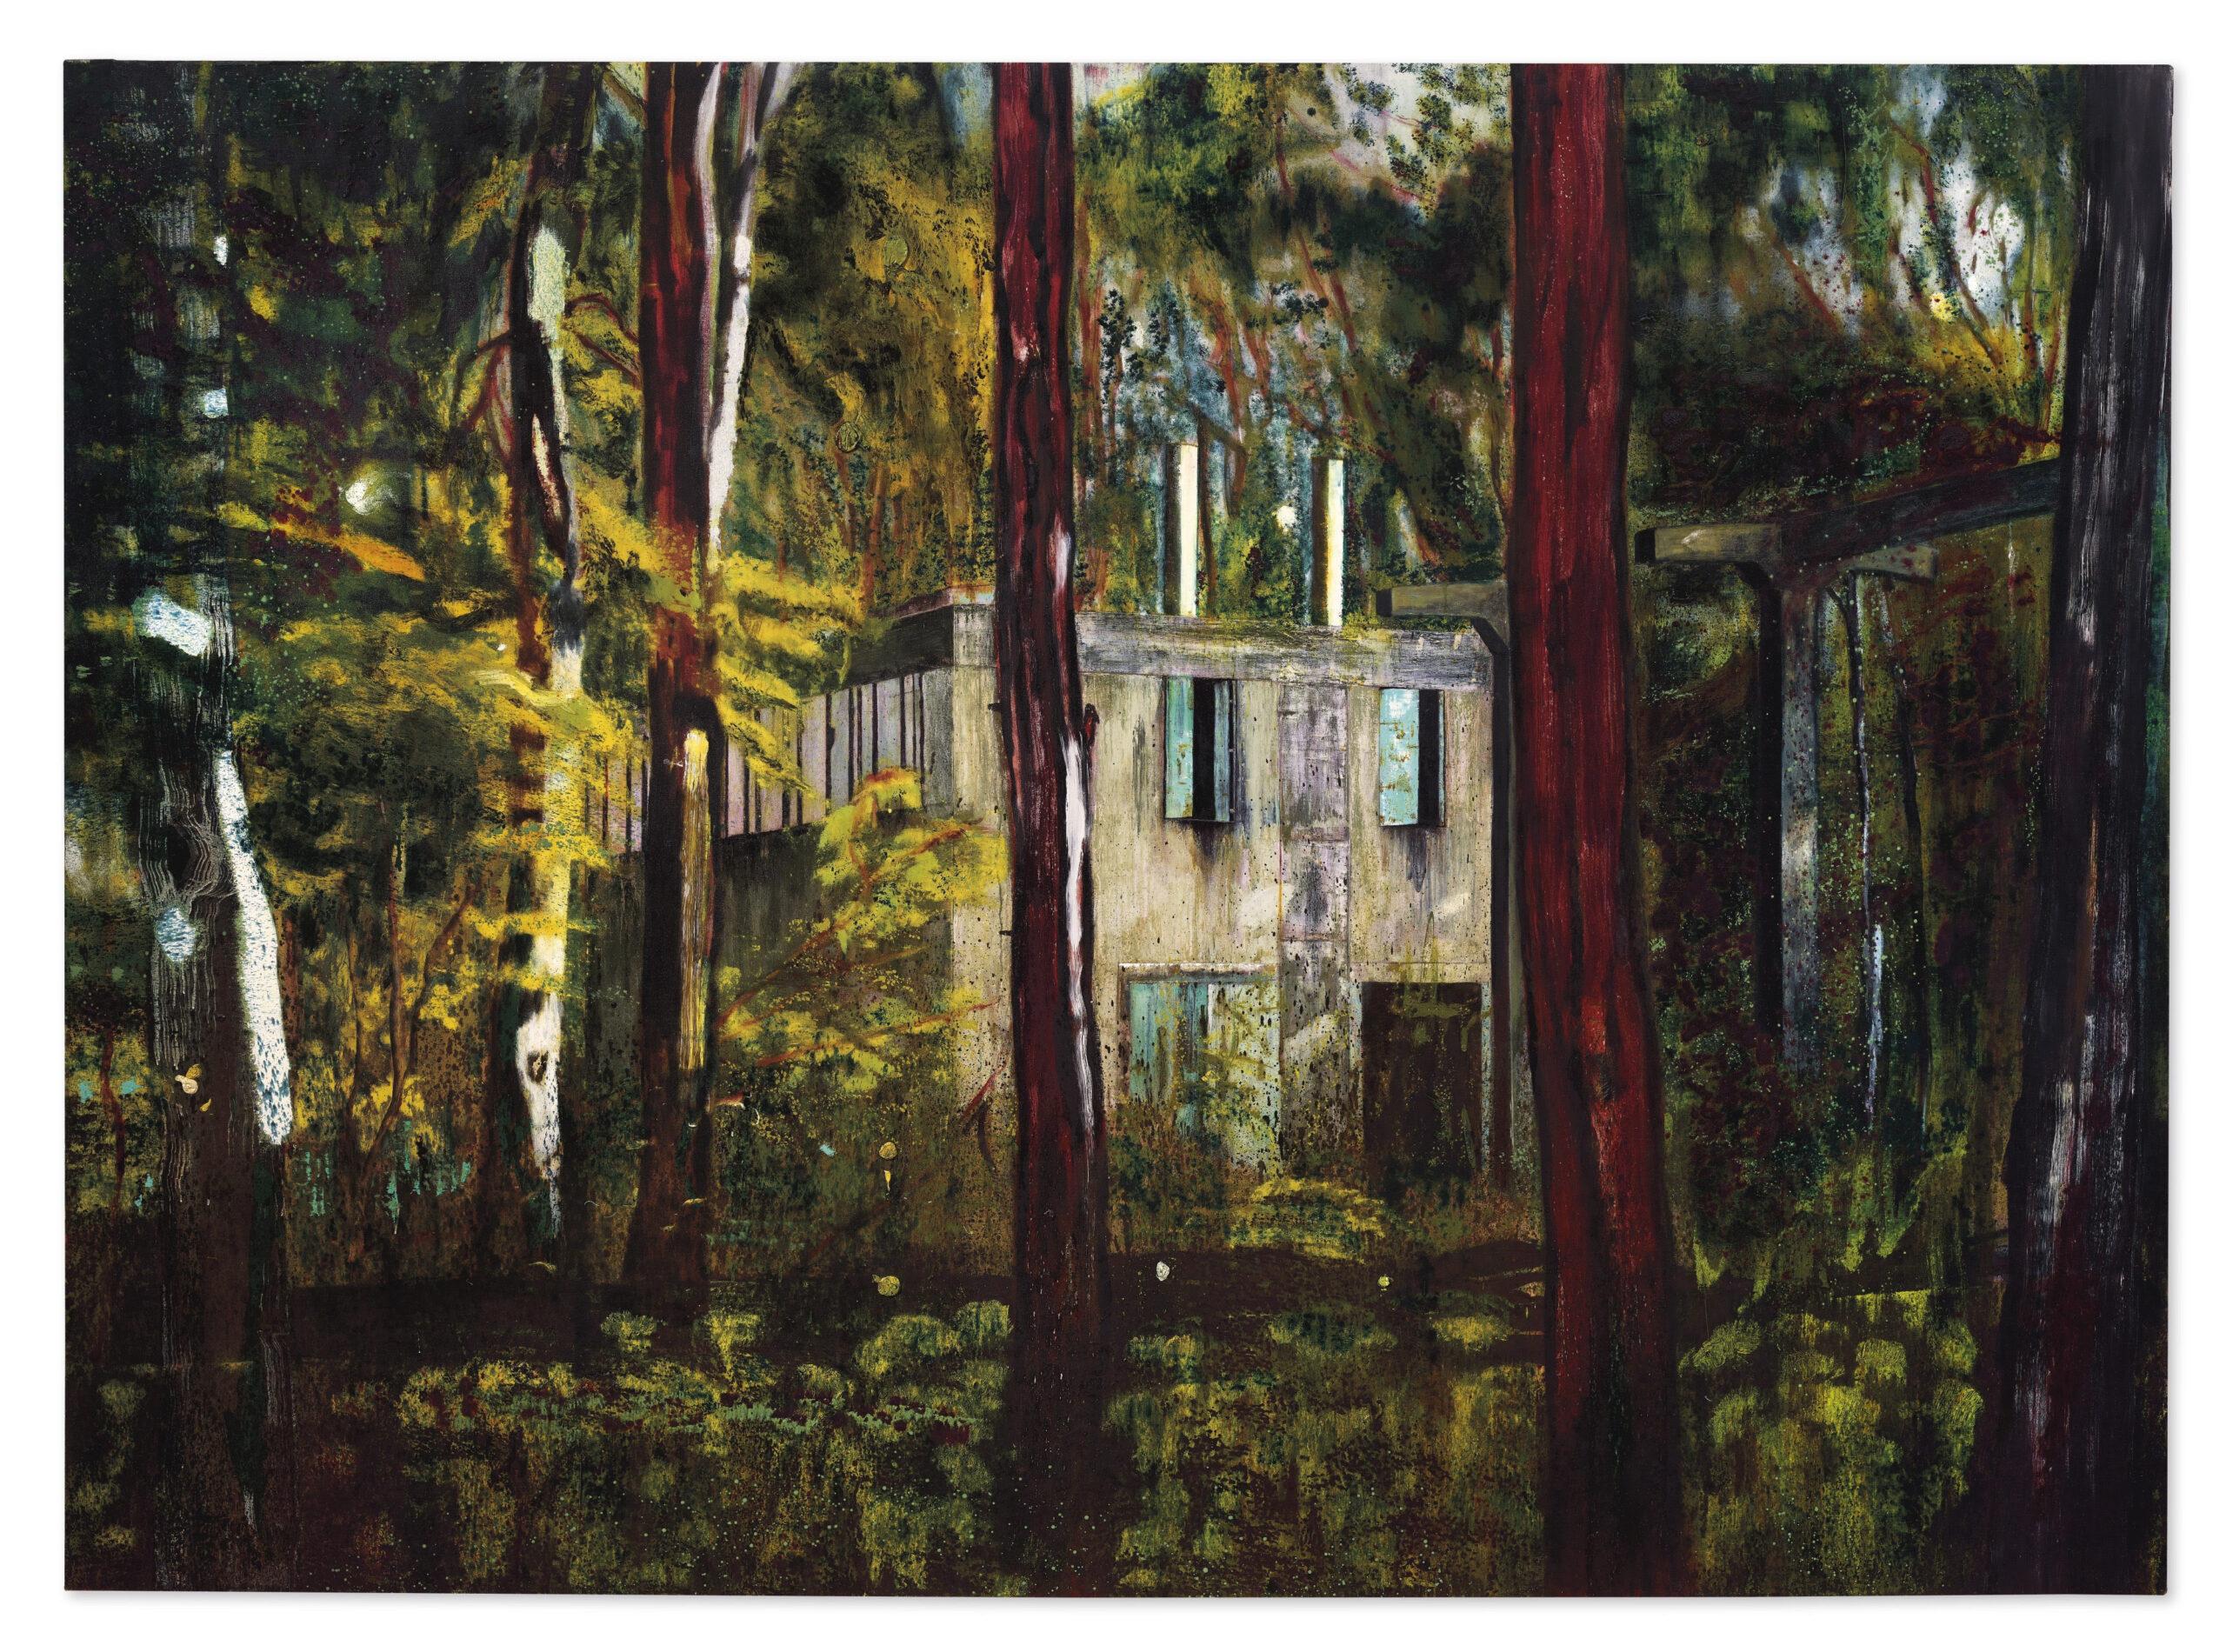 La maestosa Boiler House di Peter Doig stima 13 milioni da Christie's a Londra